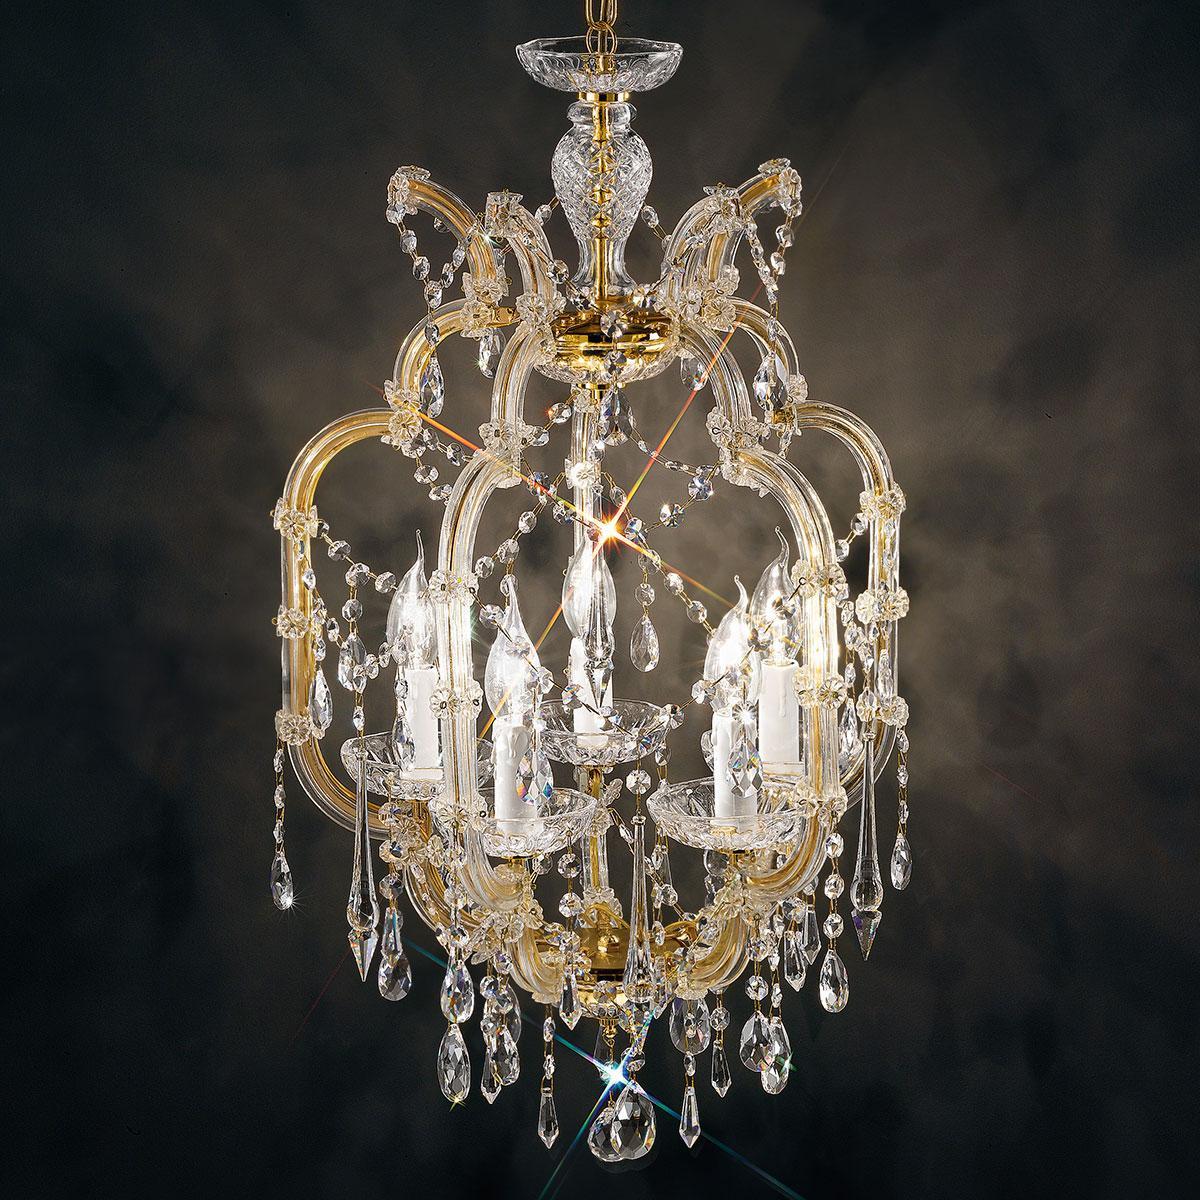 """""""Baricco"""" venezianischer kristall kronleuchter - 5 flammig - transparent mit Swarovski Anhänger"""